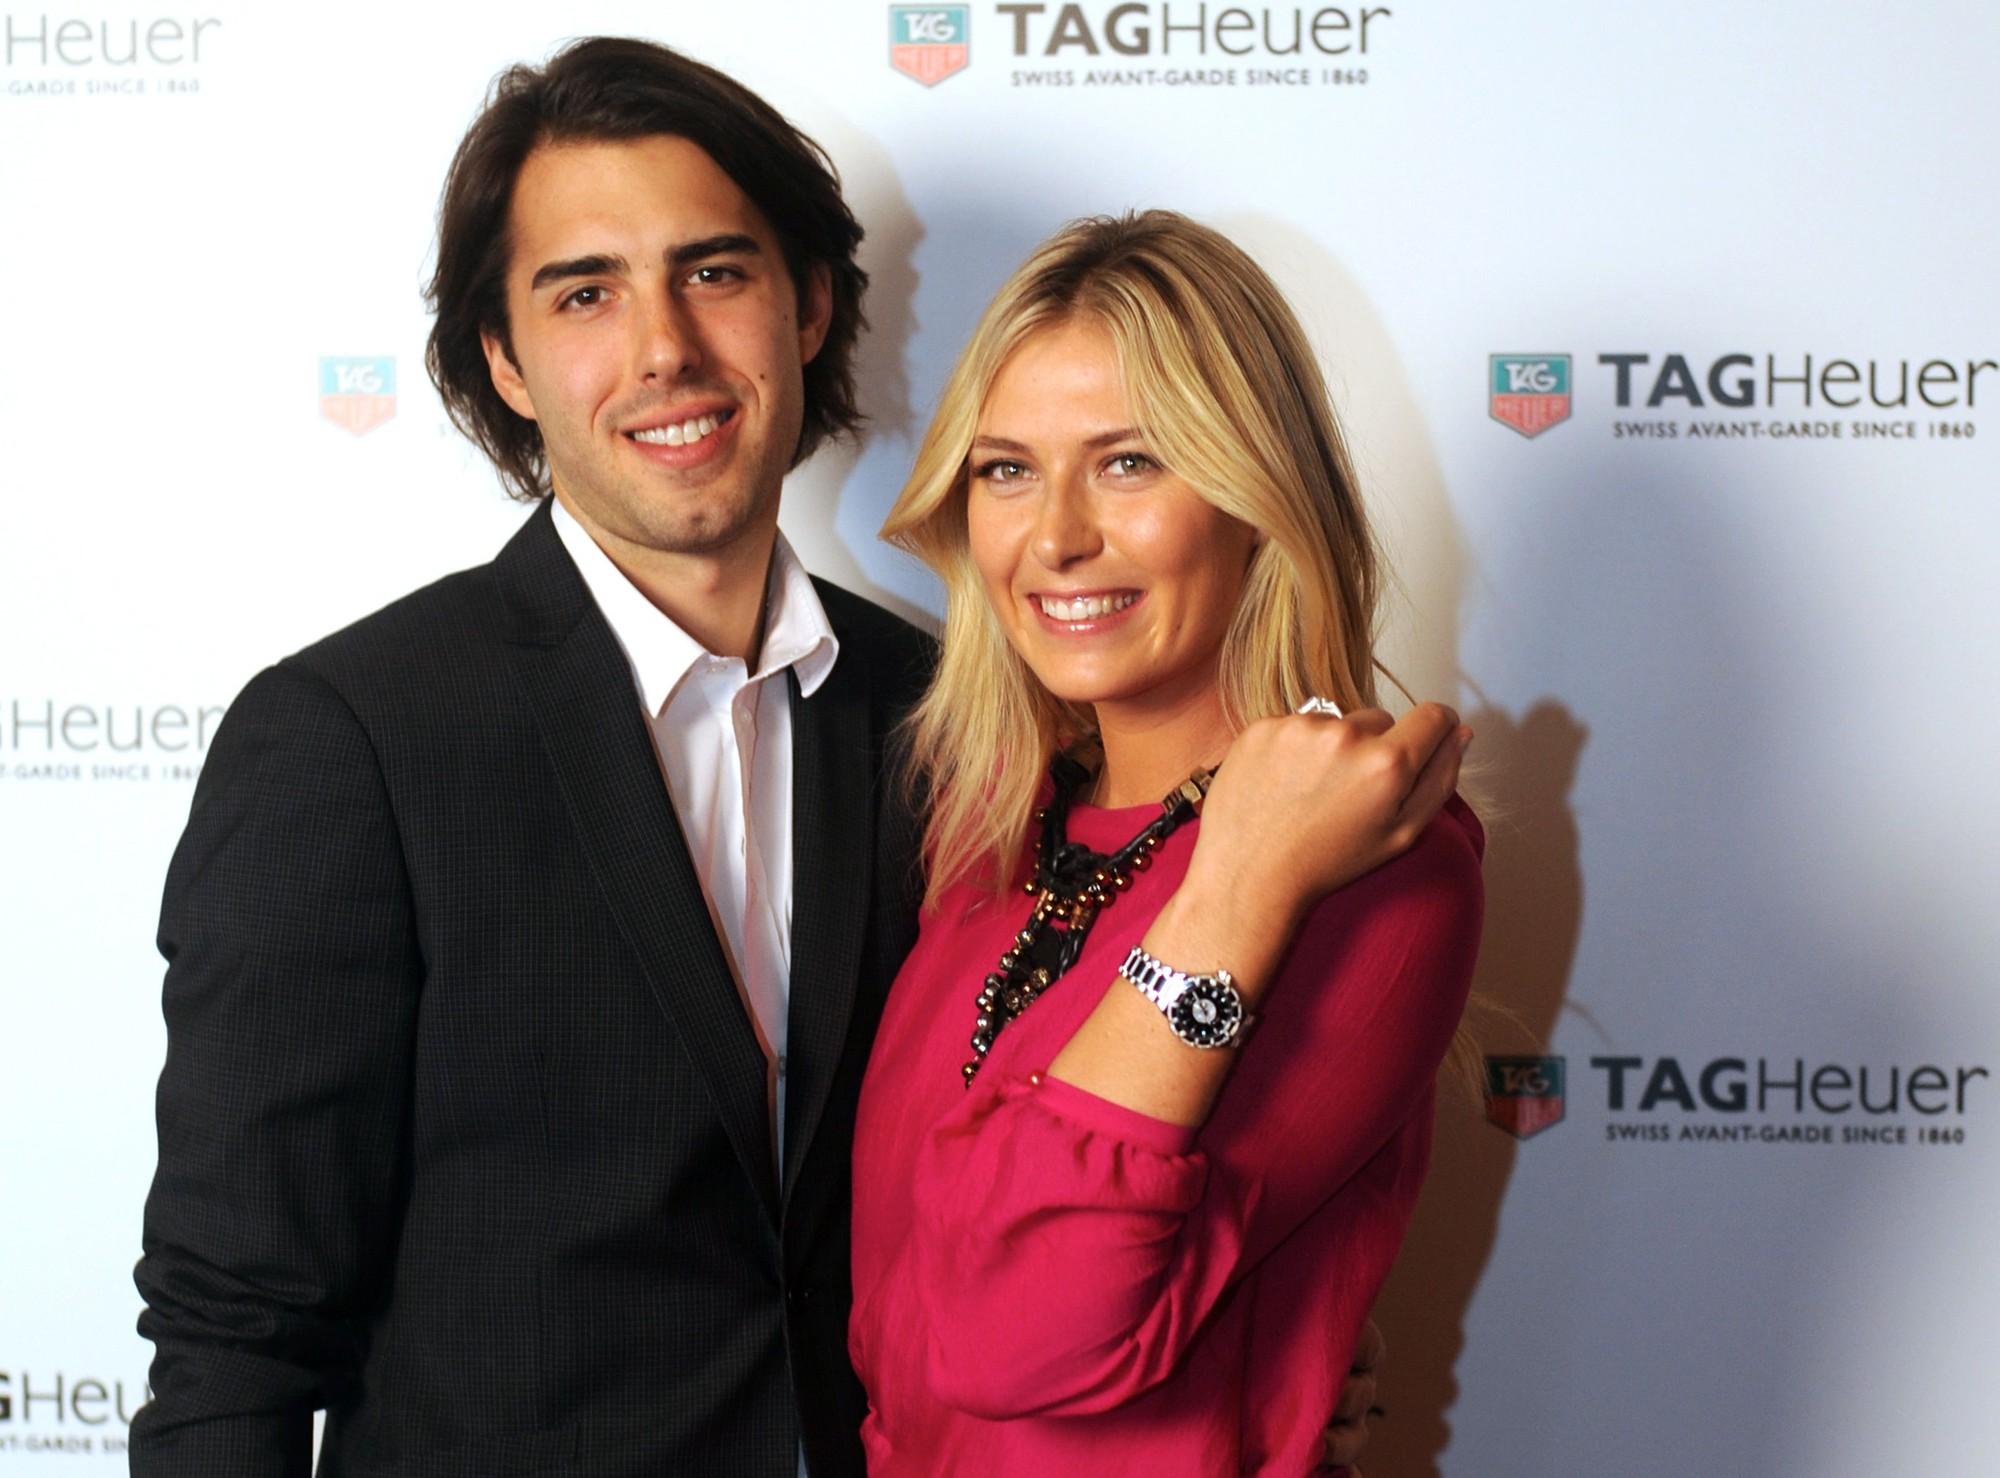 Những ngôi sao NBA lên hương nhờ có một nửa nổi tiếng: Người số hưởng cặp kè cùng Sharapova, người thì từng là chồng của chị em nhà Kardashian - Hình 1